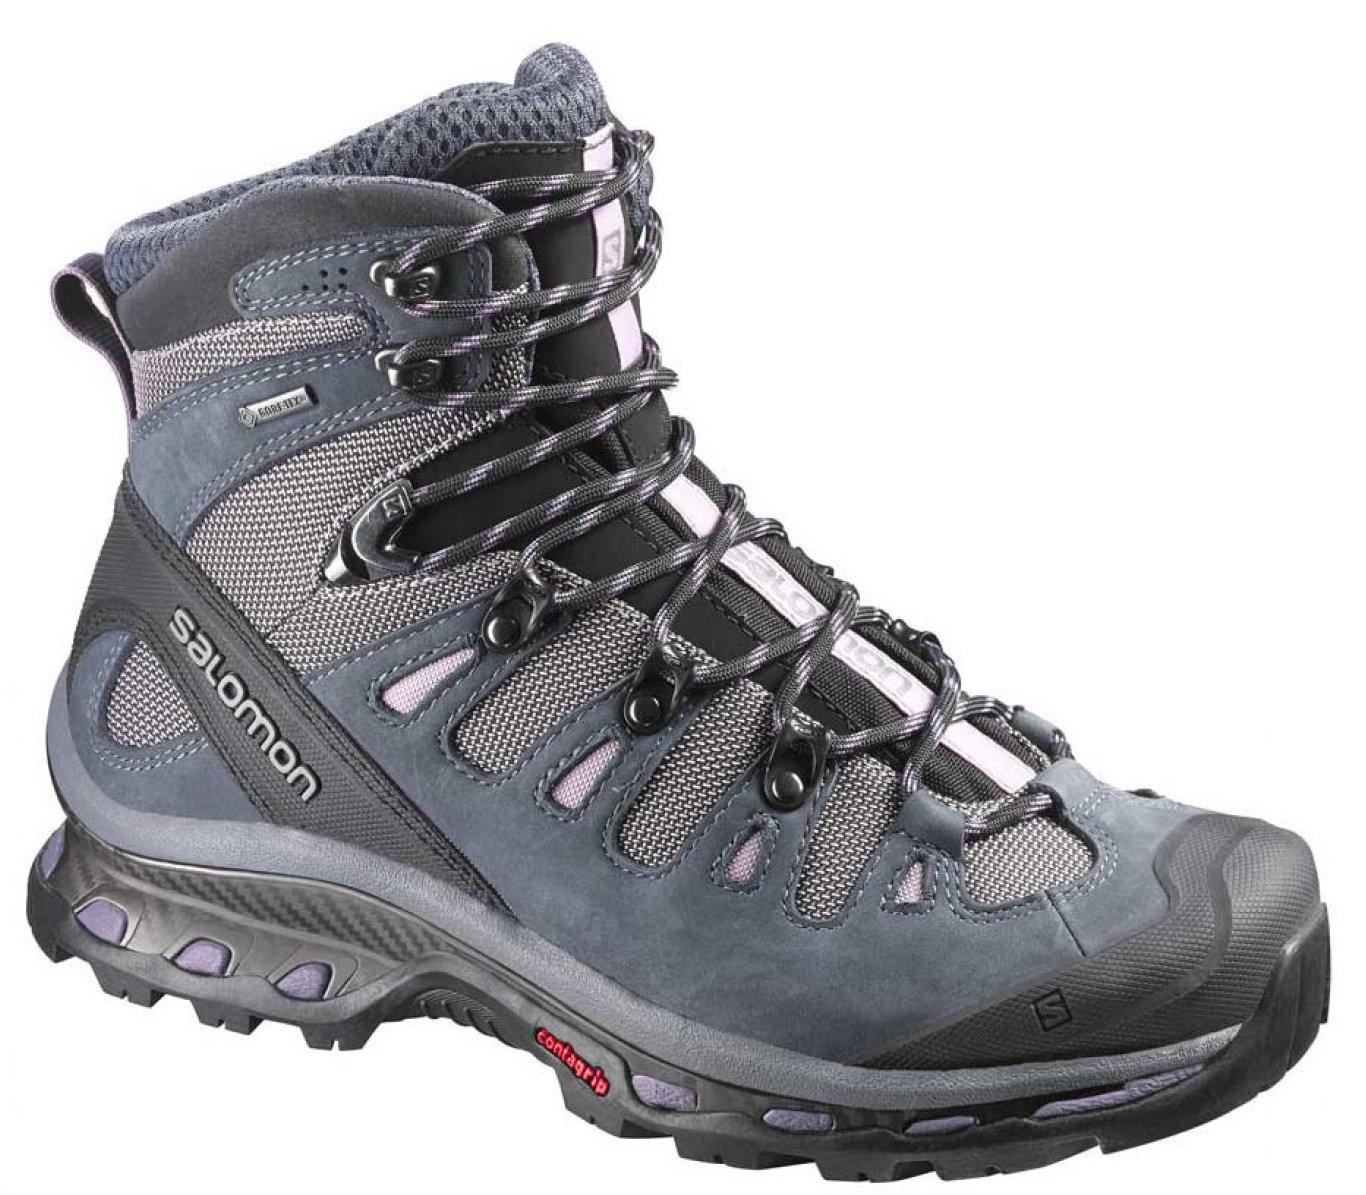 Chaussures de randonnée et de marche, chaussure randonnée et